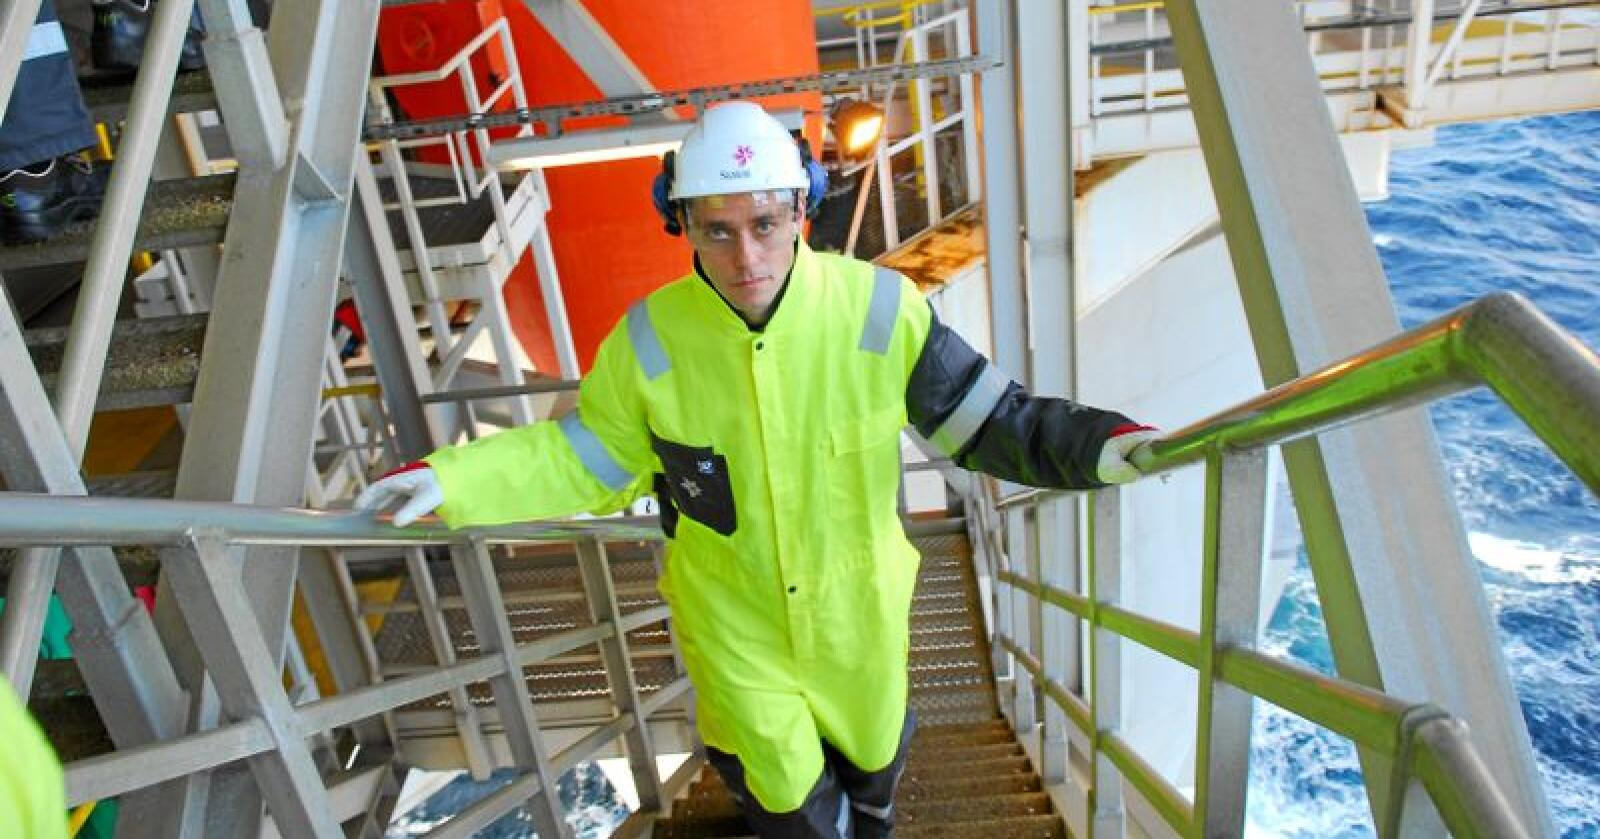 Det var tidligere olje- og energiminister, og nå nestleder i Sp, Ola Borten Moe, som sikret Norge avtaler med Storbritannia og Tyskland om bygging av nye strømkabaler på havbunnen i Nordsjøen i 2011 og 2012. Fra 2005 og helt fram til 2019 har Frp og Sps olje- og energiministre jobbet iherdig for å koble det norske strømmarkedet til resten av Europa. Foto: Steinar Schjetne / Scanpix